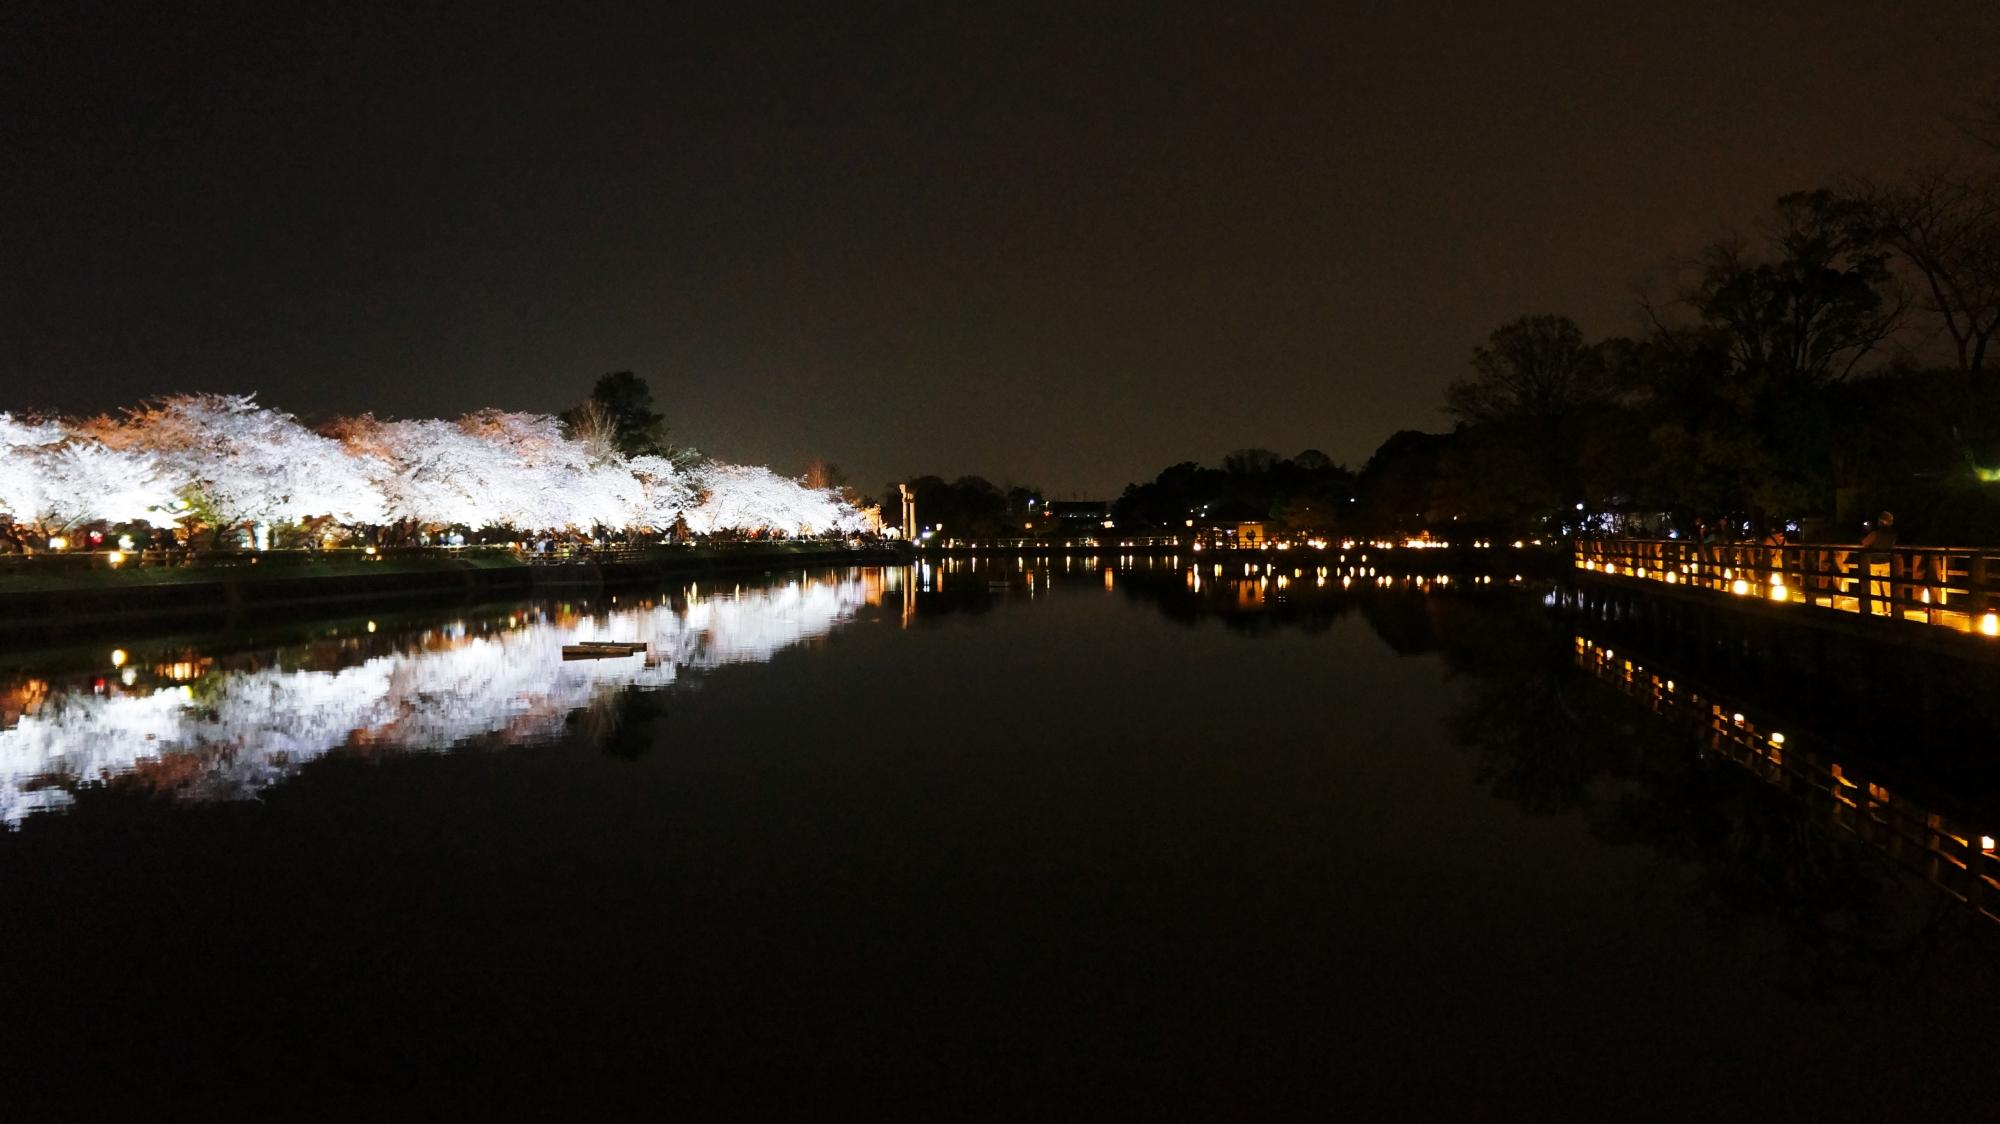 長岡天満宮の素晴らしい夜桜ライトアップと春の情景